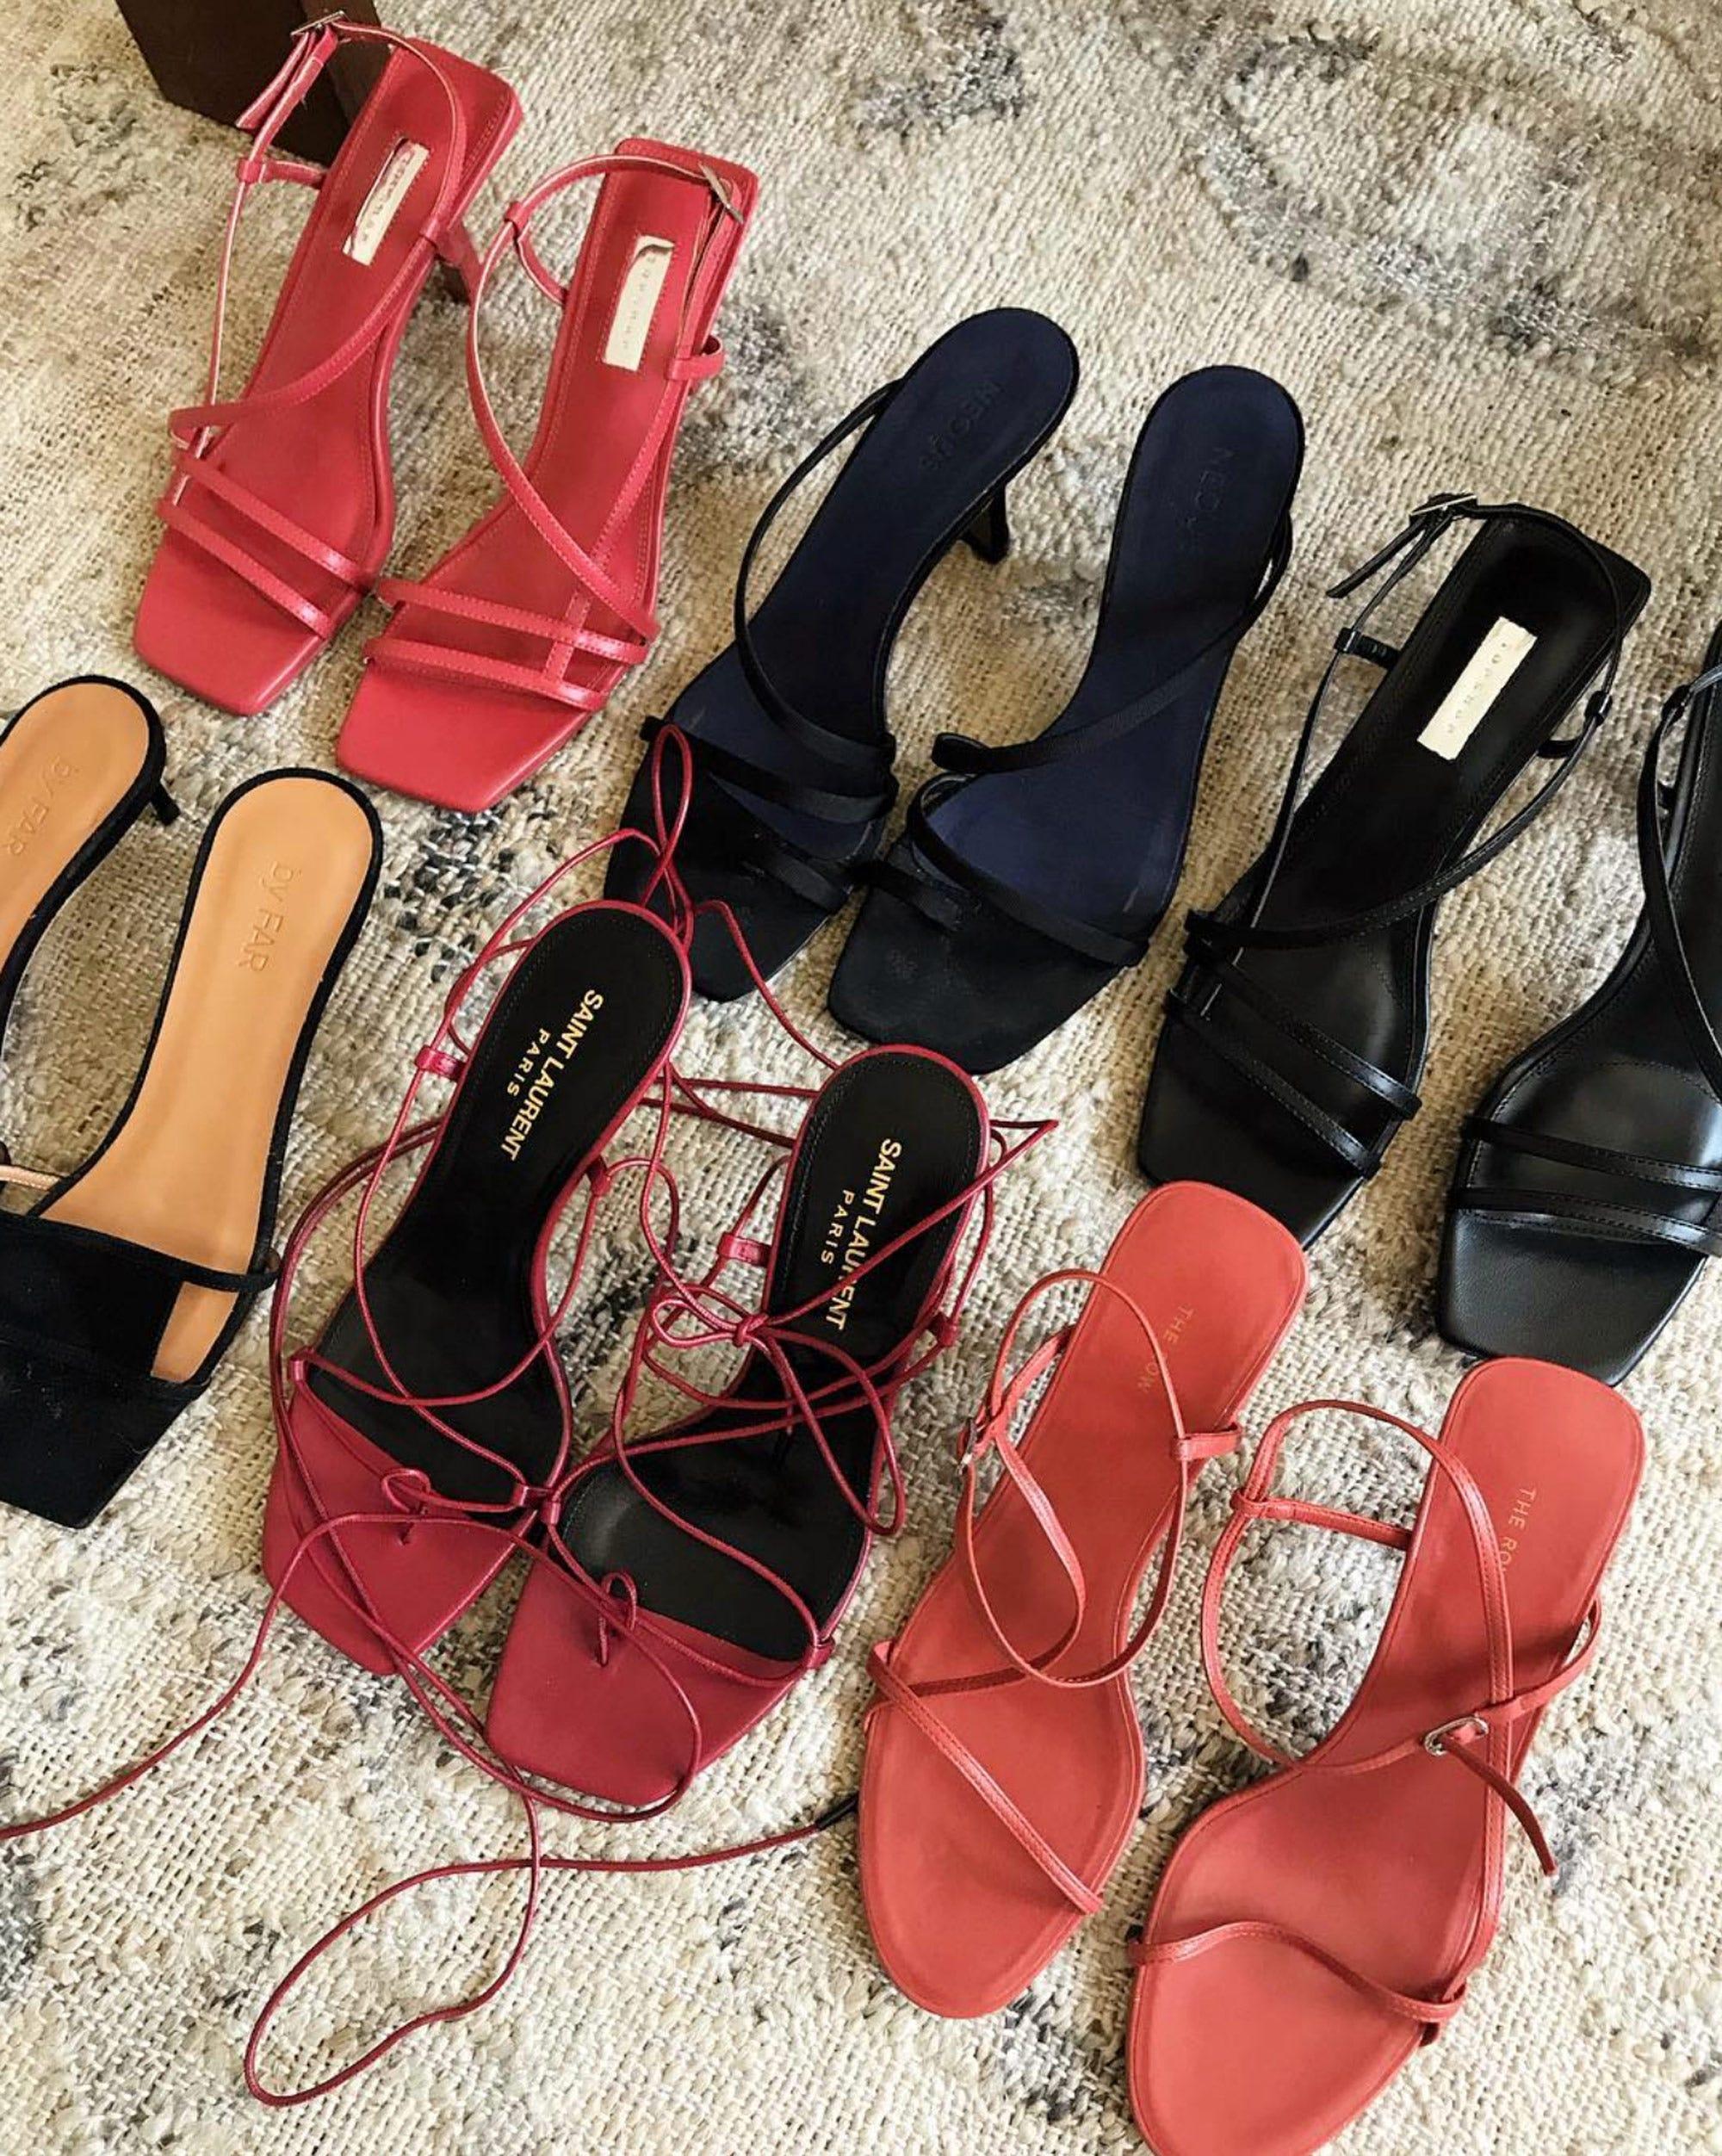 2531c676d69d 5 Brands   Influencers Nailing Spring s Kitten Heel Trend